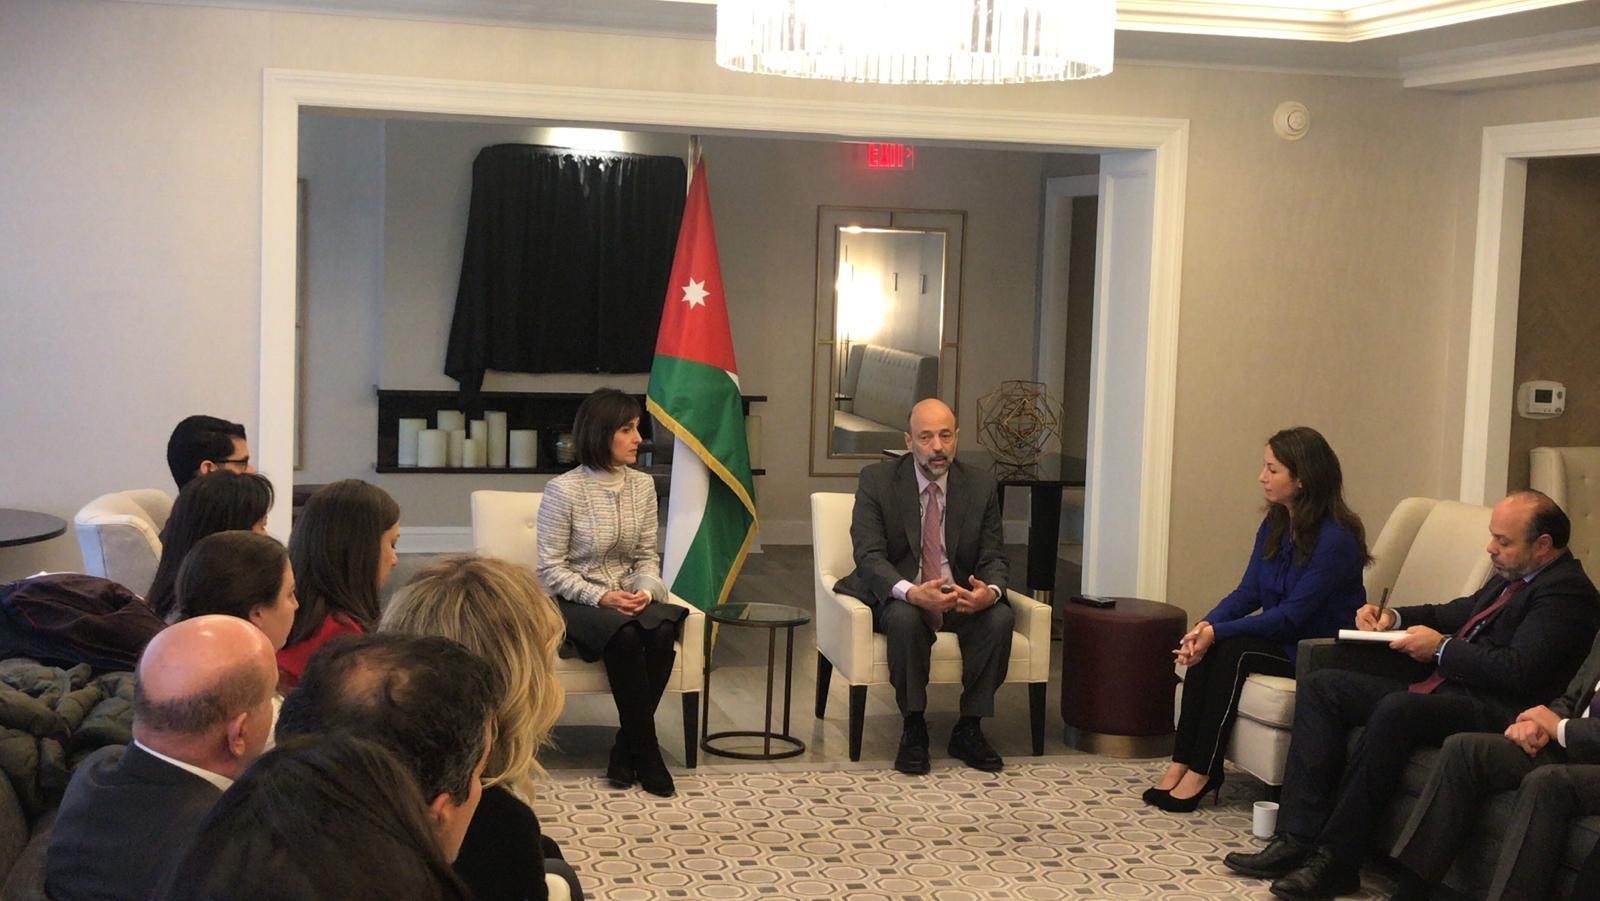 رئيس الوزراء الأردني يلتقي الجالية الأردنية بواشنطن